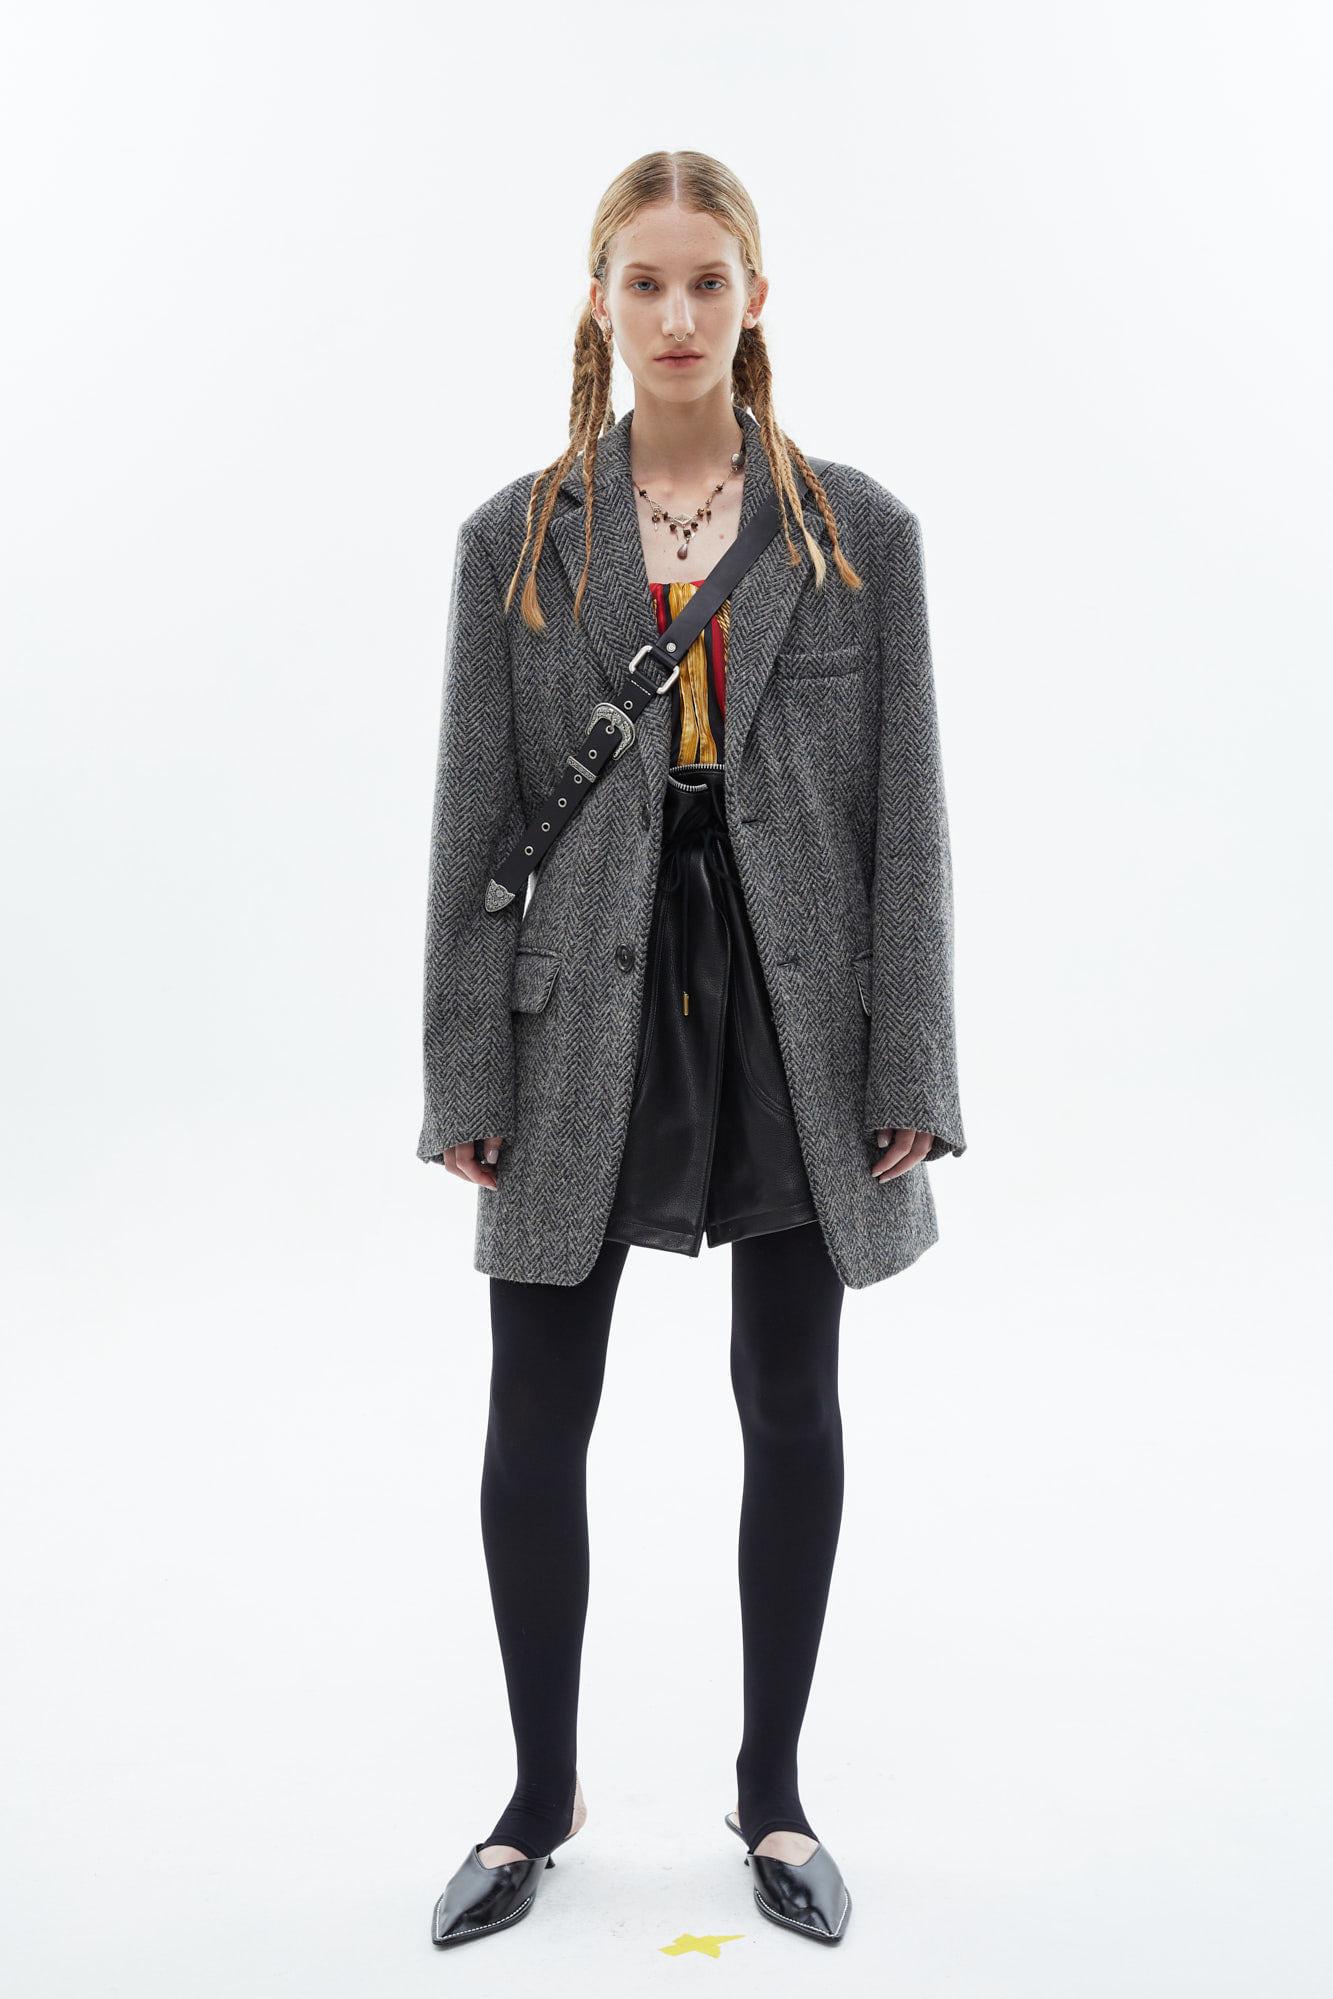 andersson bell20秋冬韩国设计师品牌灰色格纹加厚西装外套大衣